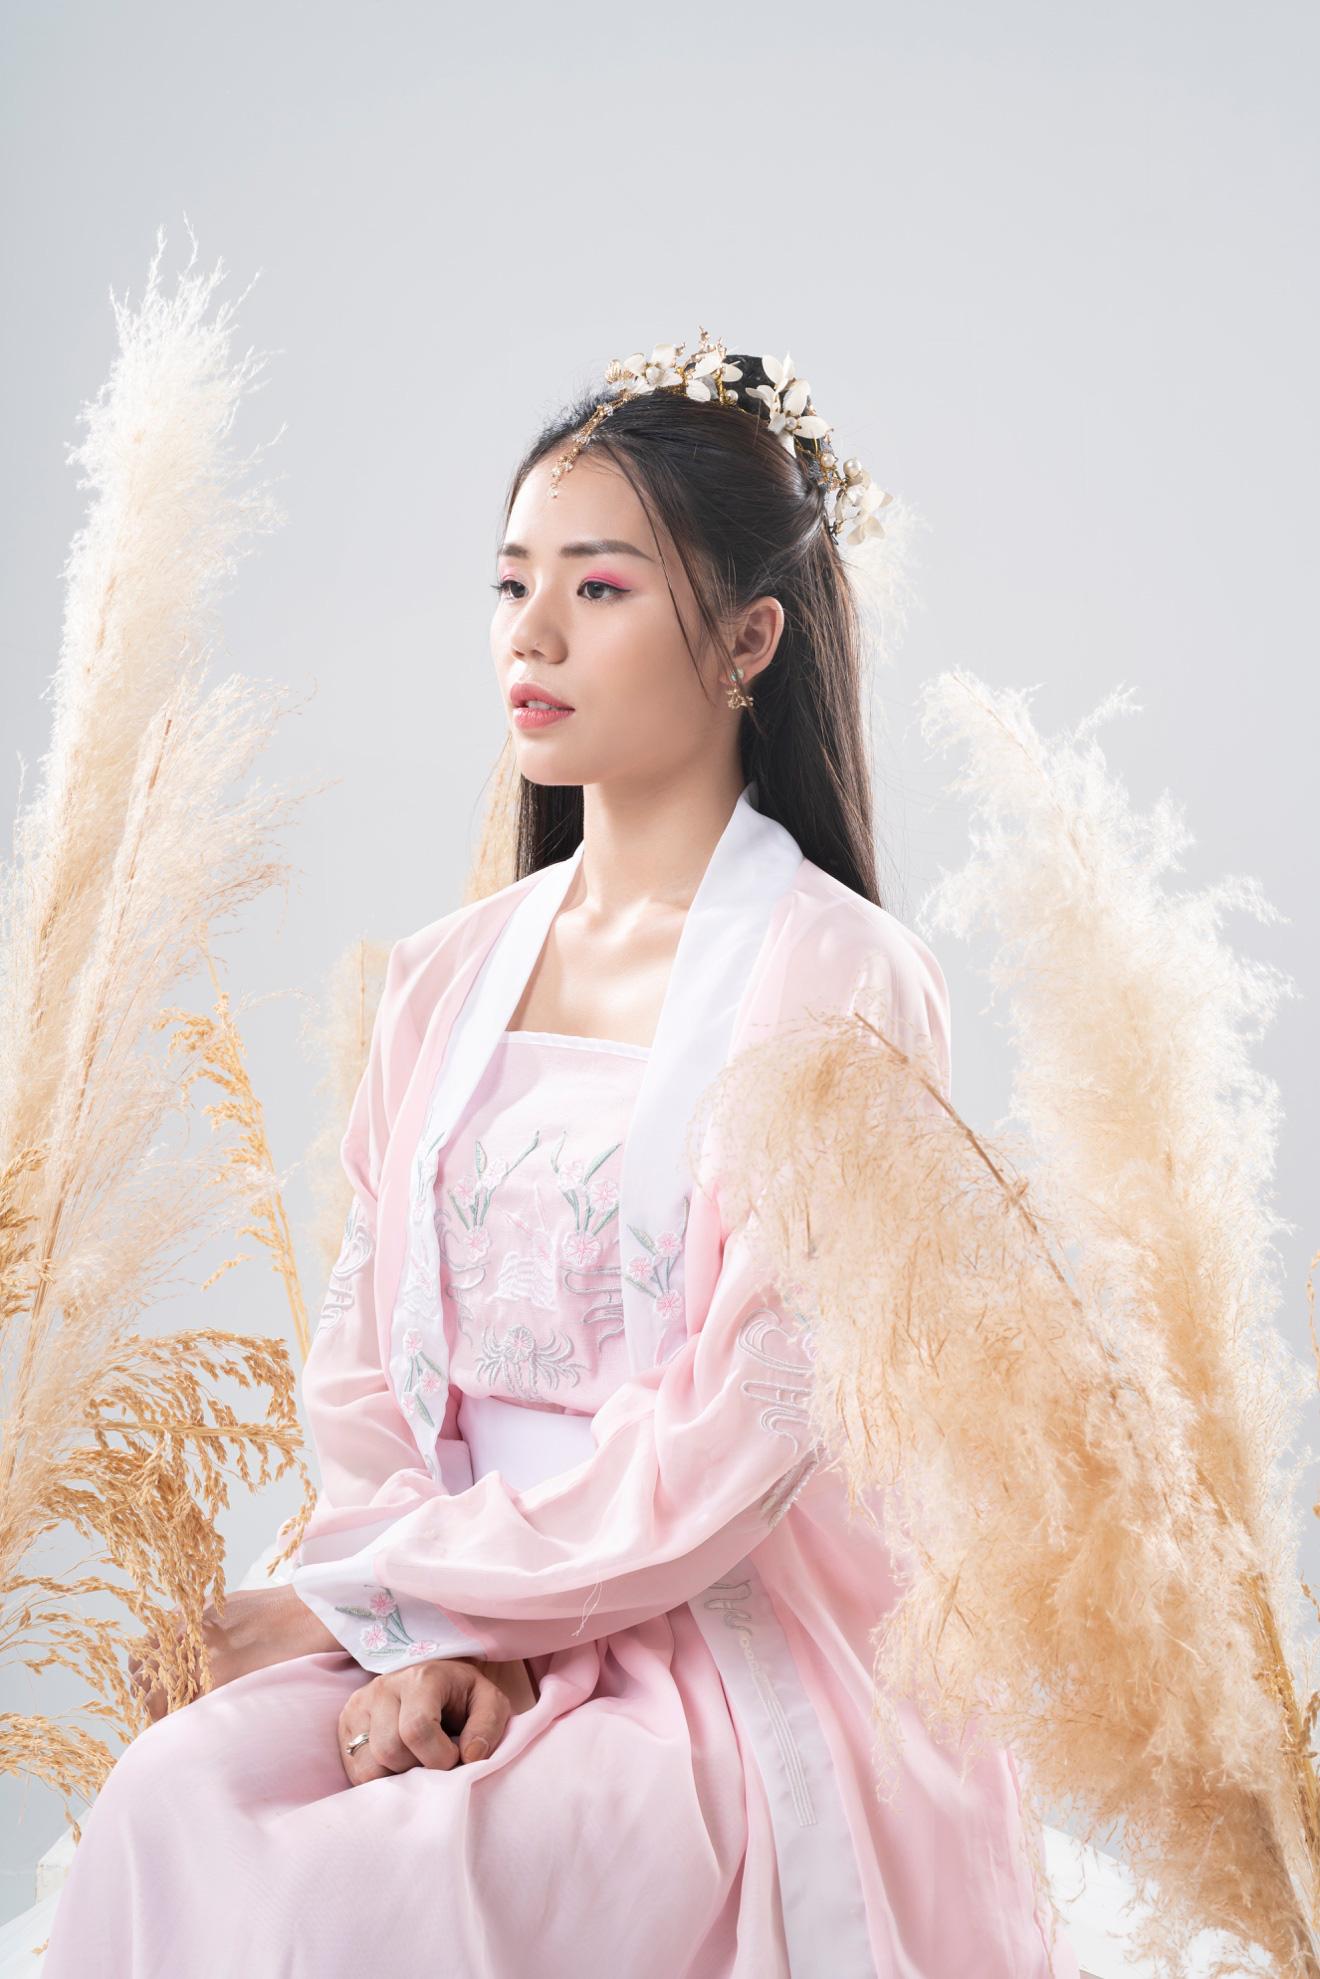 Hương Ly mang thông điệp trân trọng tình yêu hiện tại vào MV cổ trang đầu tay - Ảnh 2.